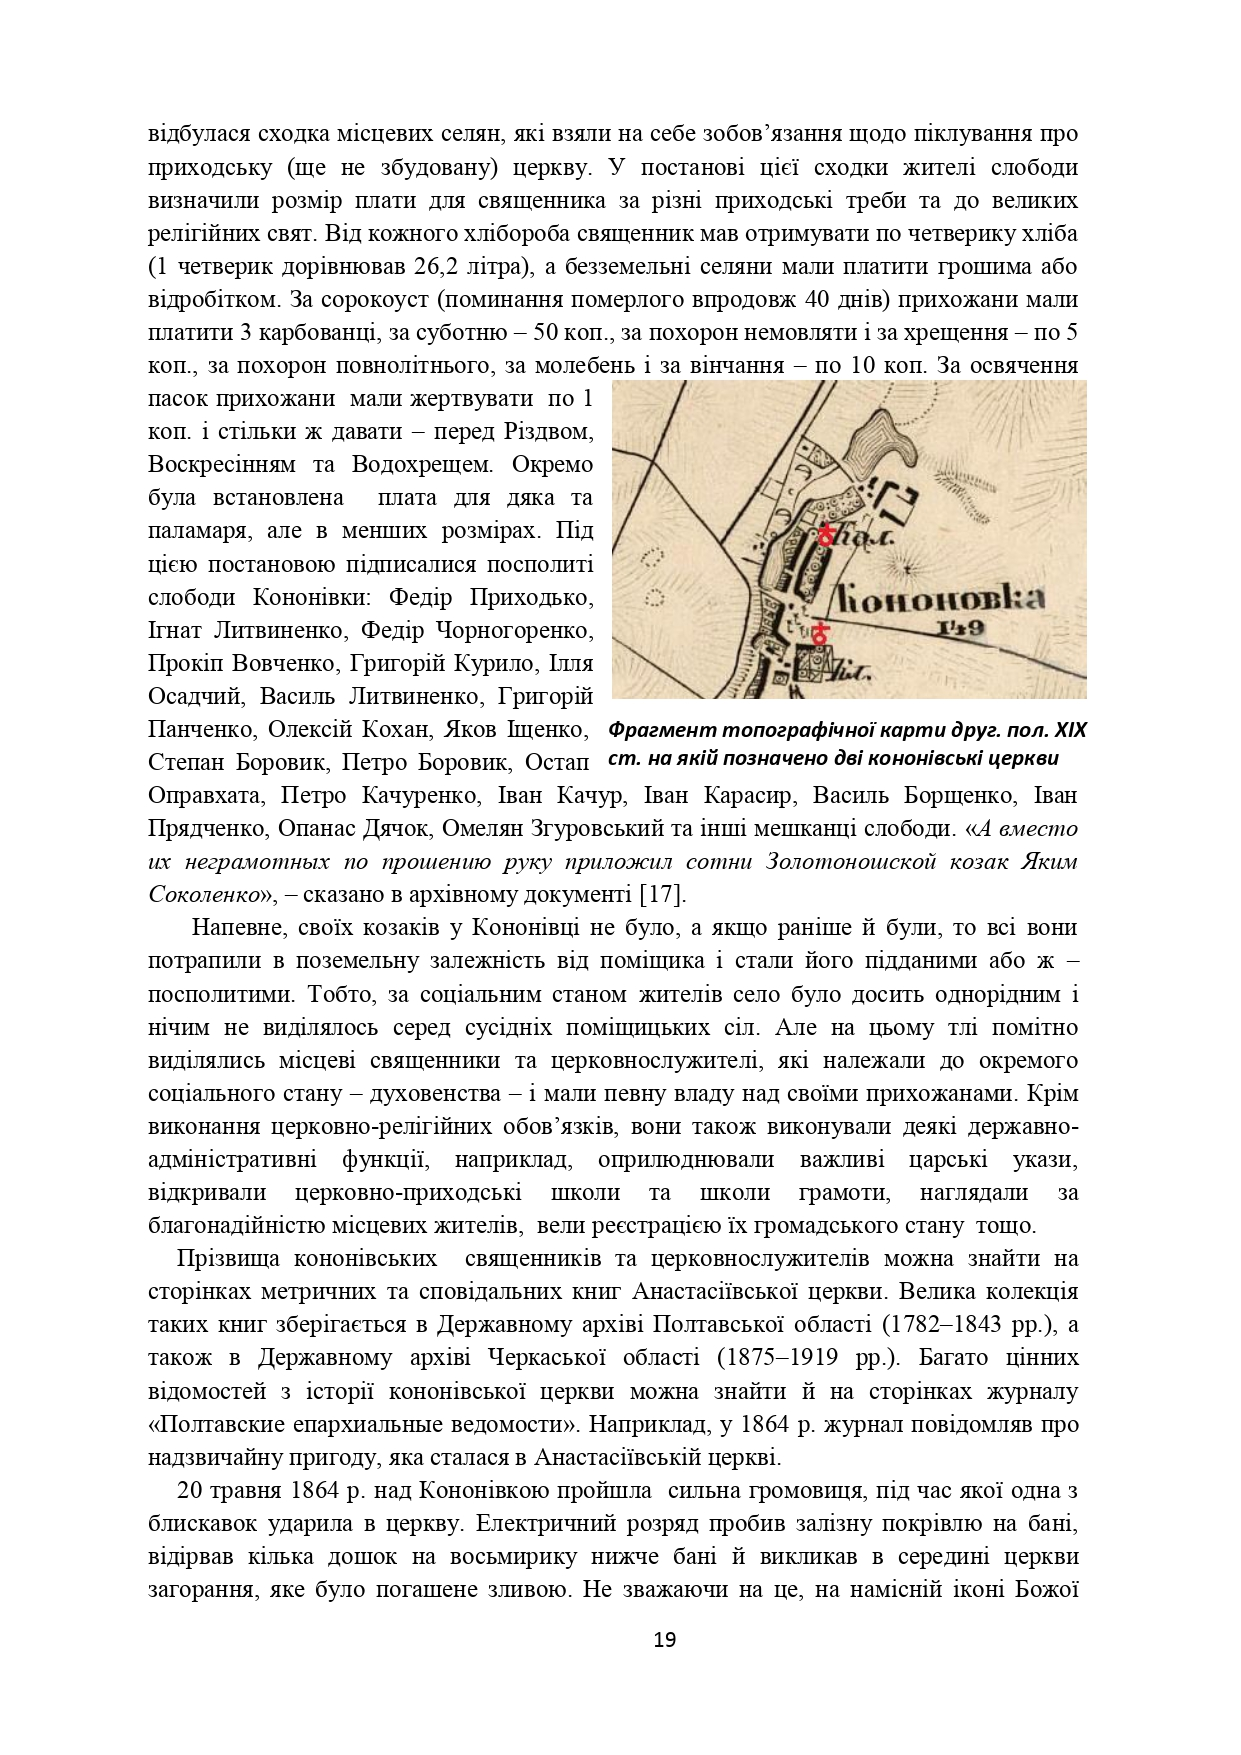 ІСТОРІЯ СЕЛА КОНОНІВКА 2021 (1)_page-0019